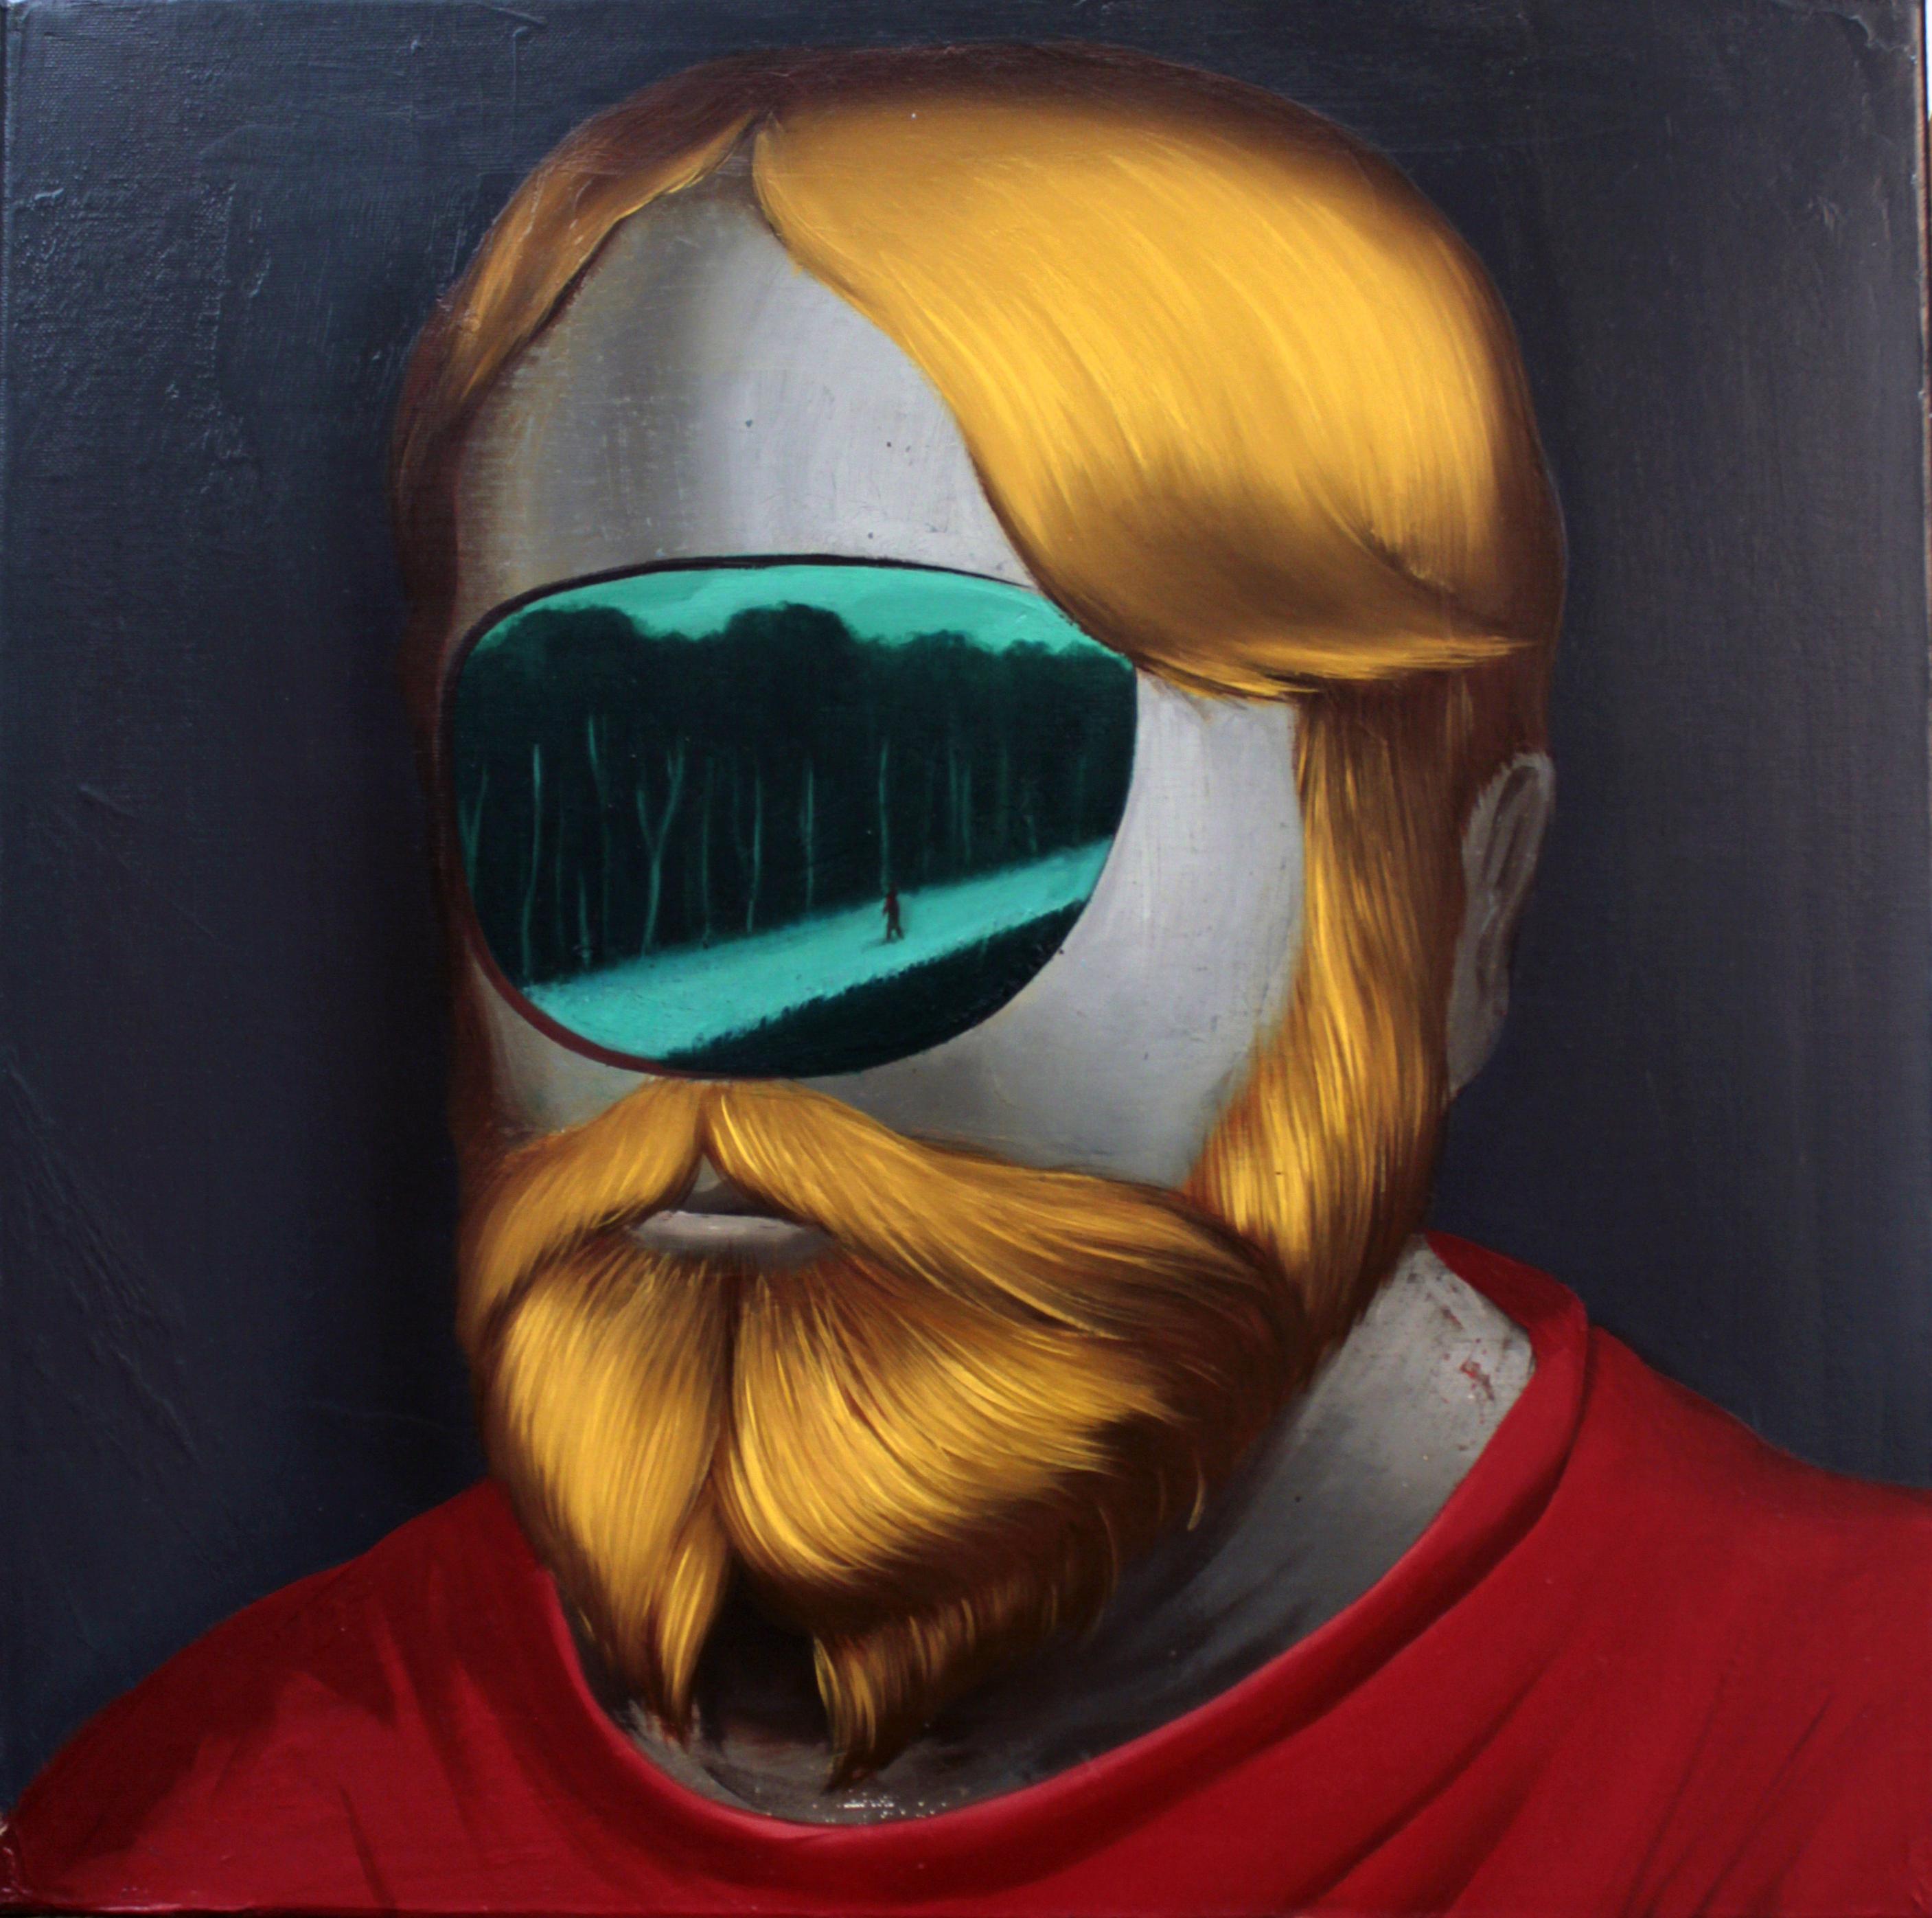 Inside John's head